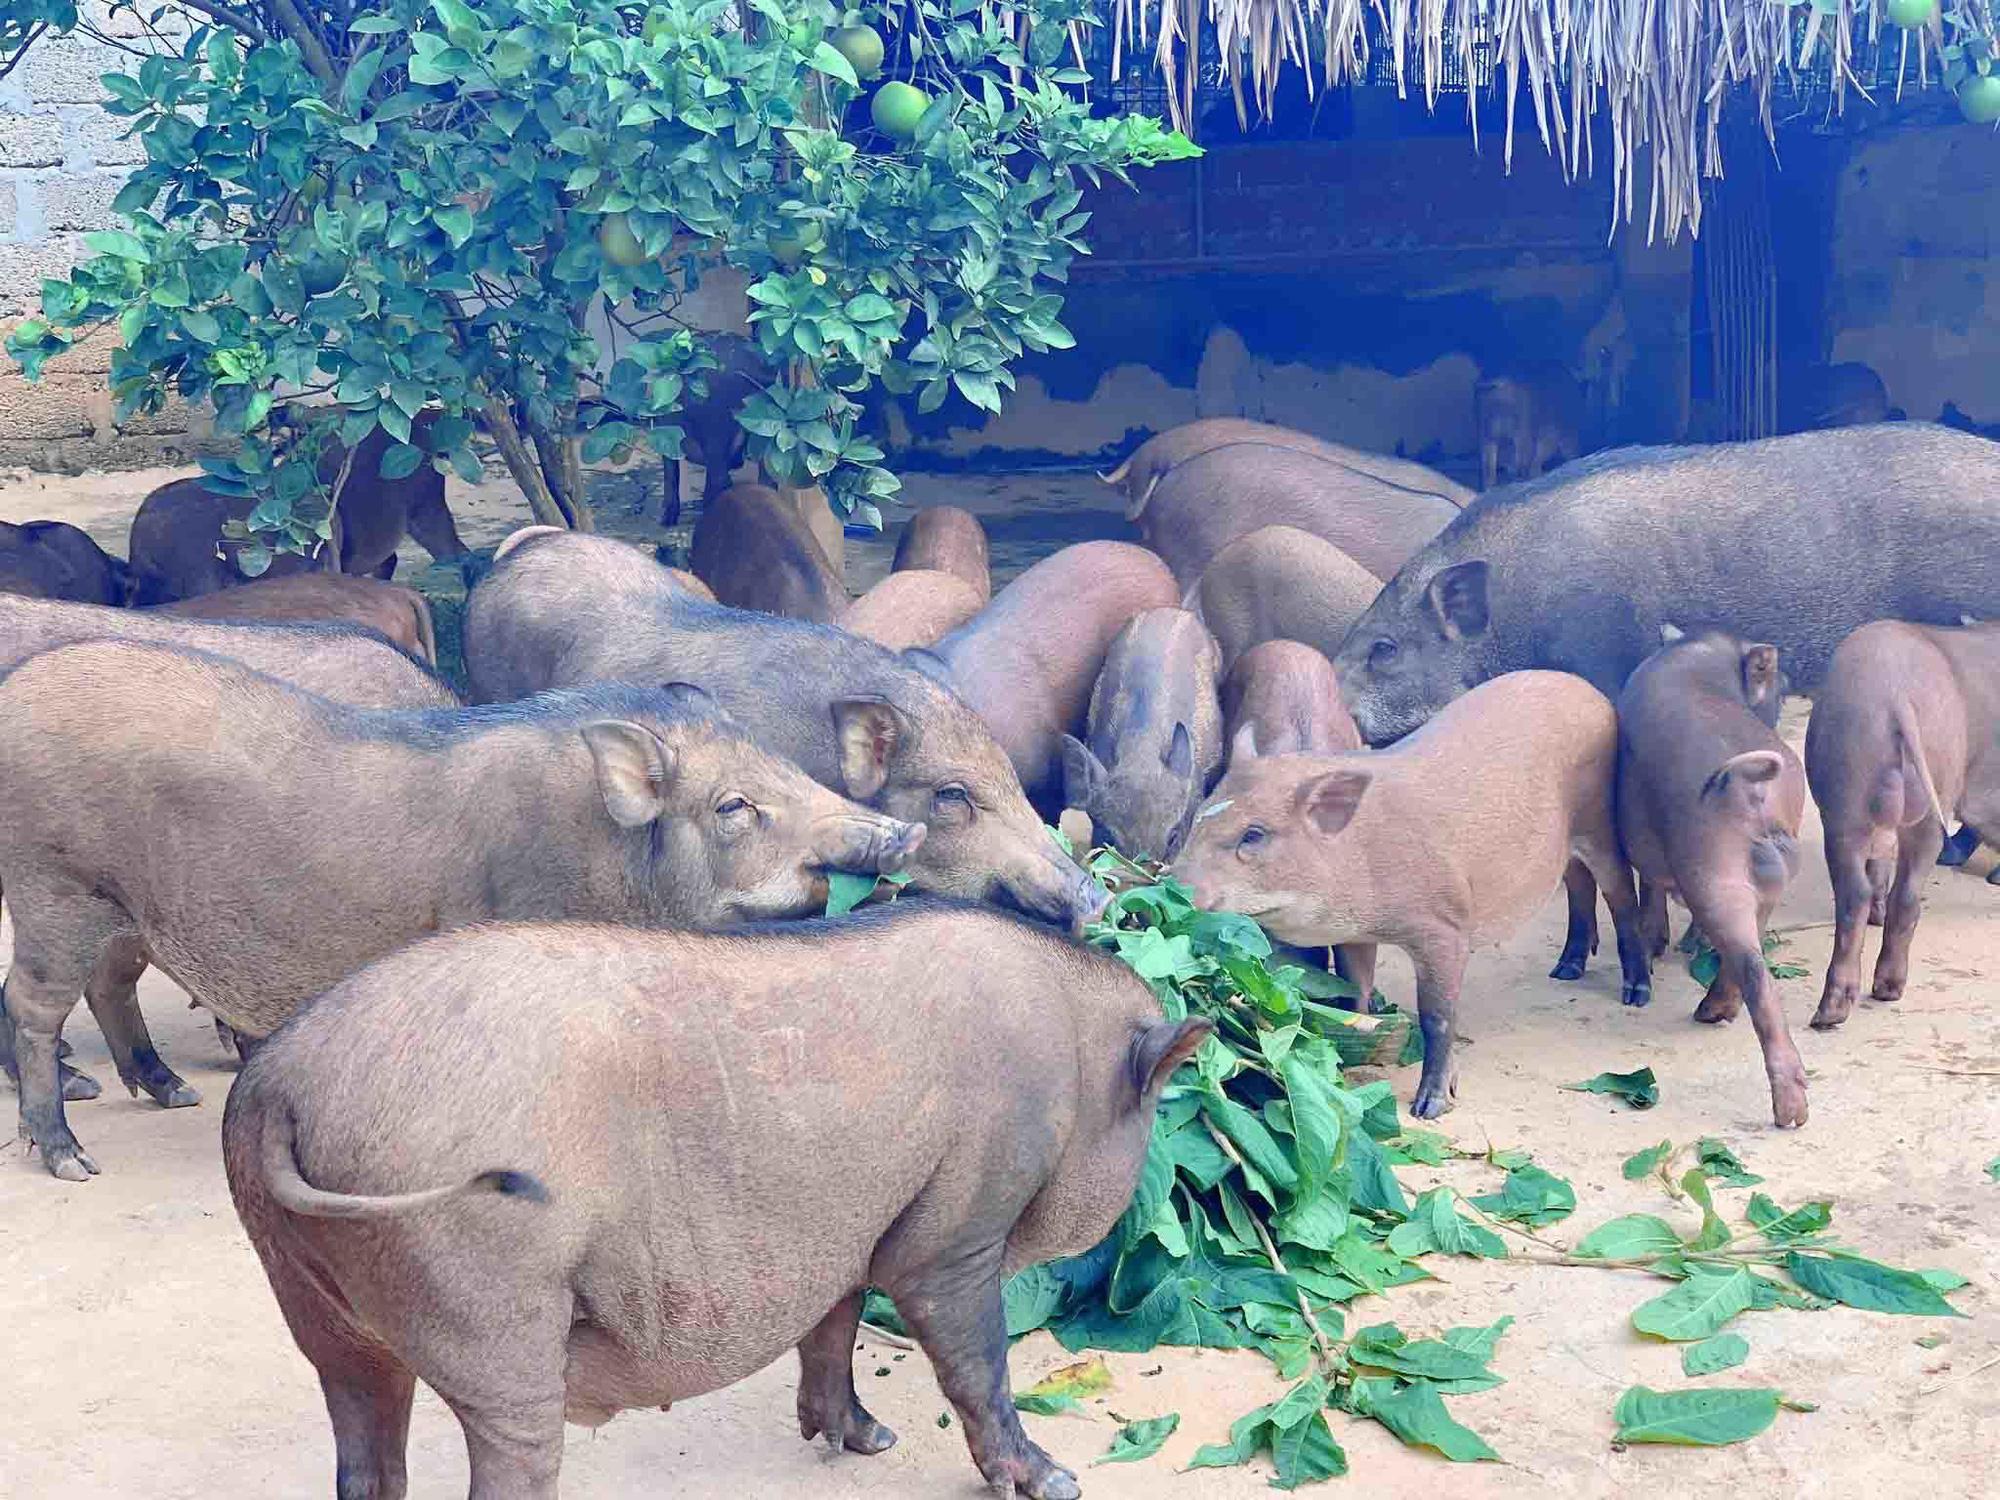 Đàn lợn rừng ăn dược liệu: Anh cán bộ xã thu tiền tỷ mỗi năm - Ảnh 2.